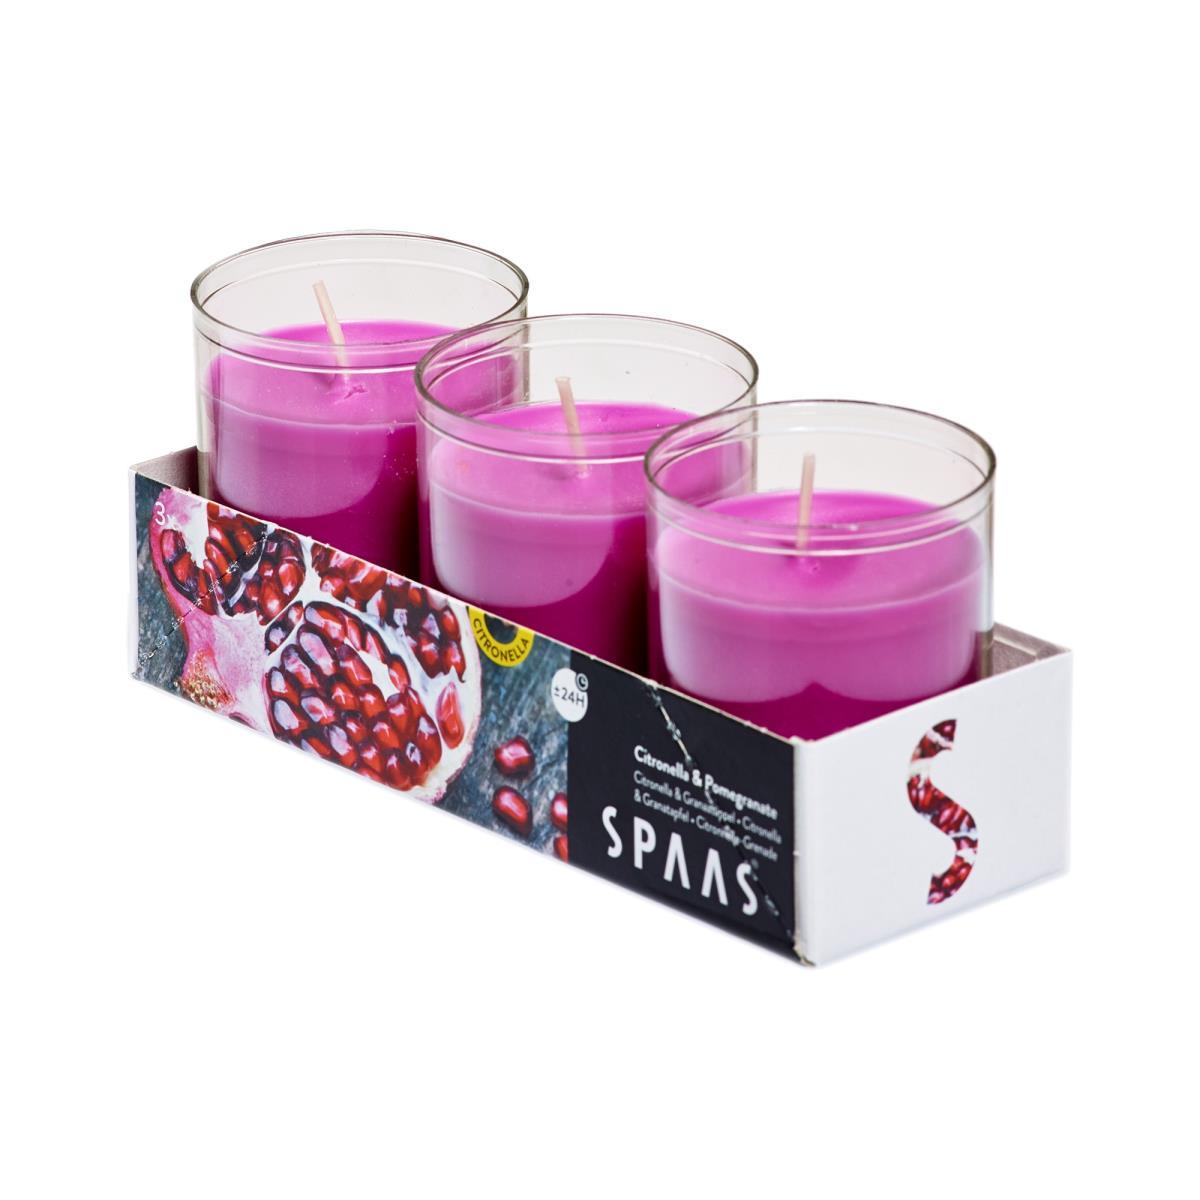 Citronella Granatapfel Duftlichter Anti Mücken Kerzen Teelichter Mückenabwehr ,Spaas,000051332861, 5411708147372